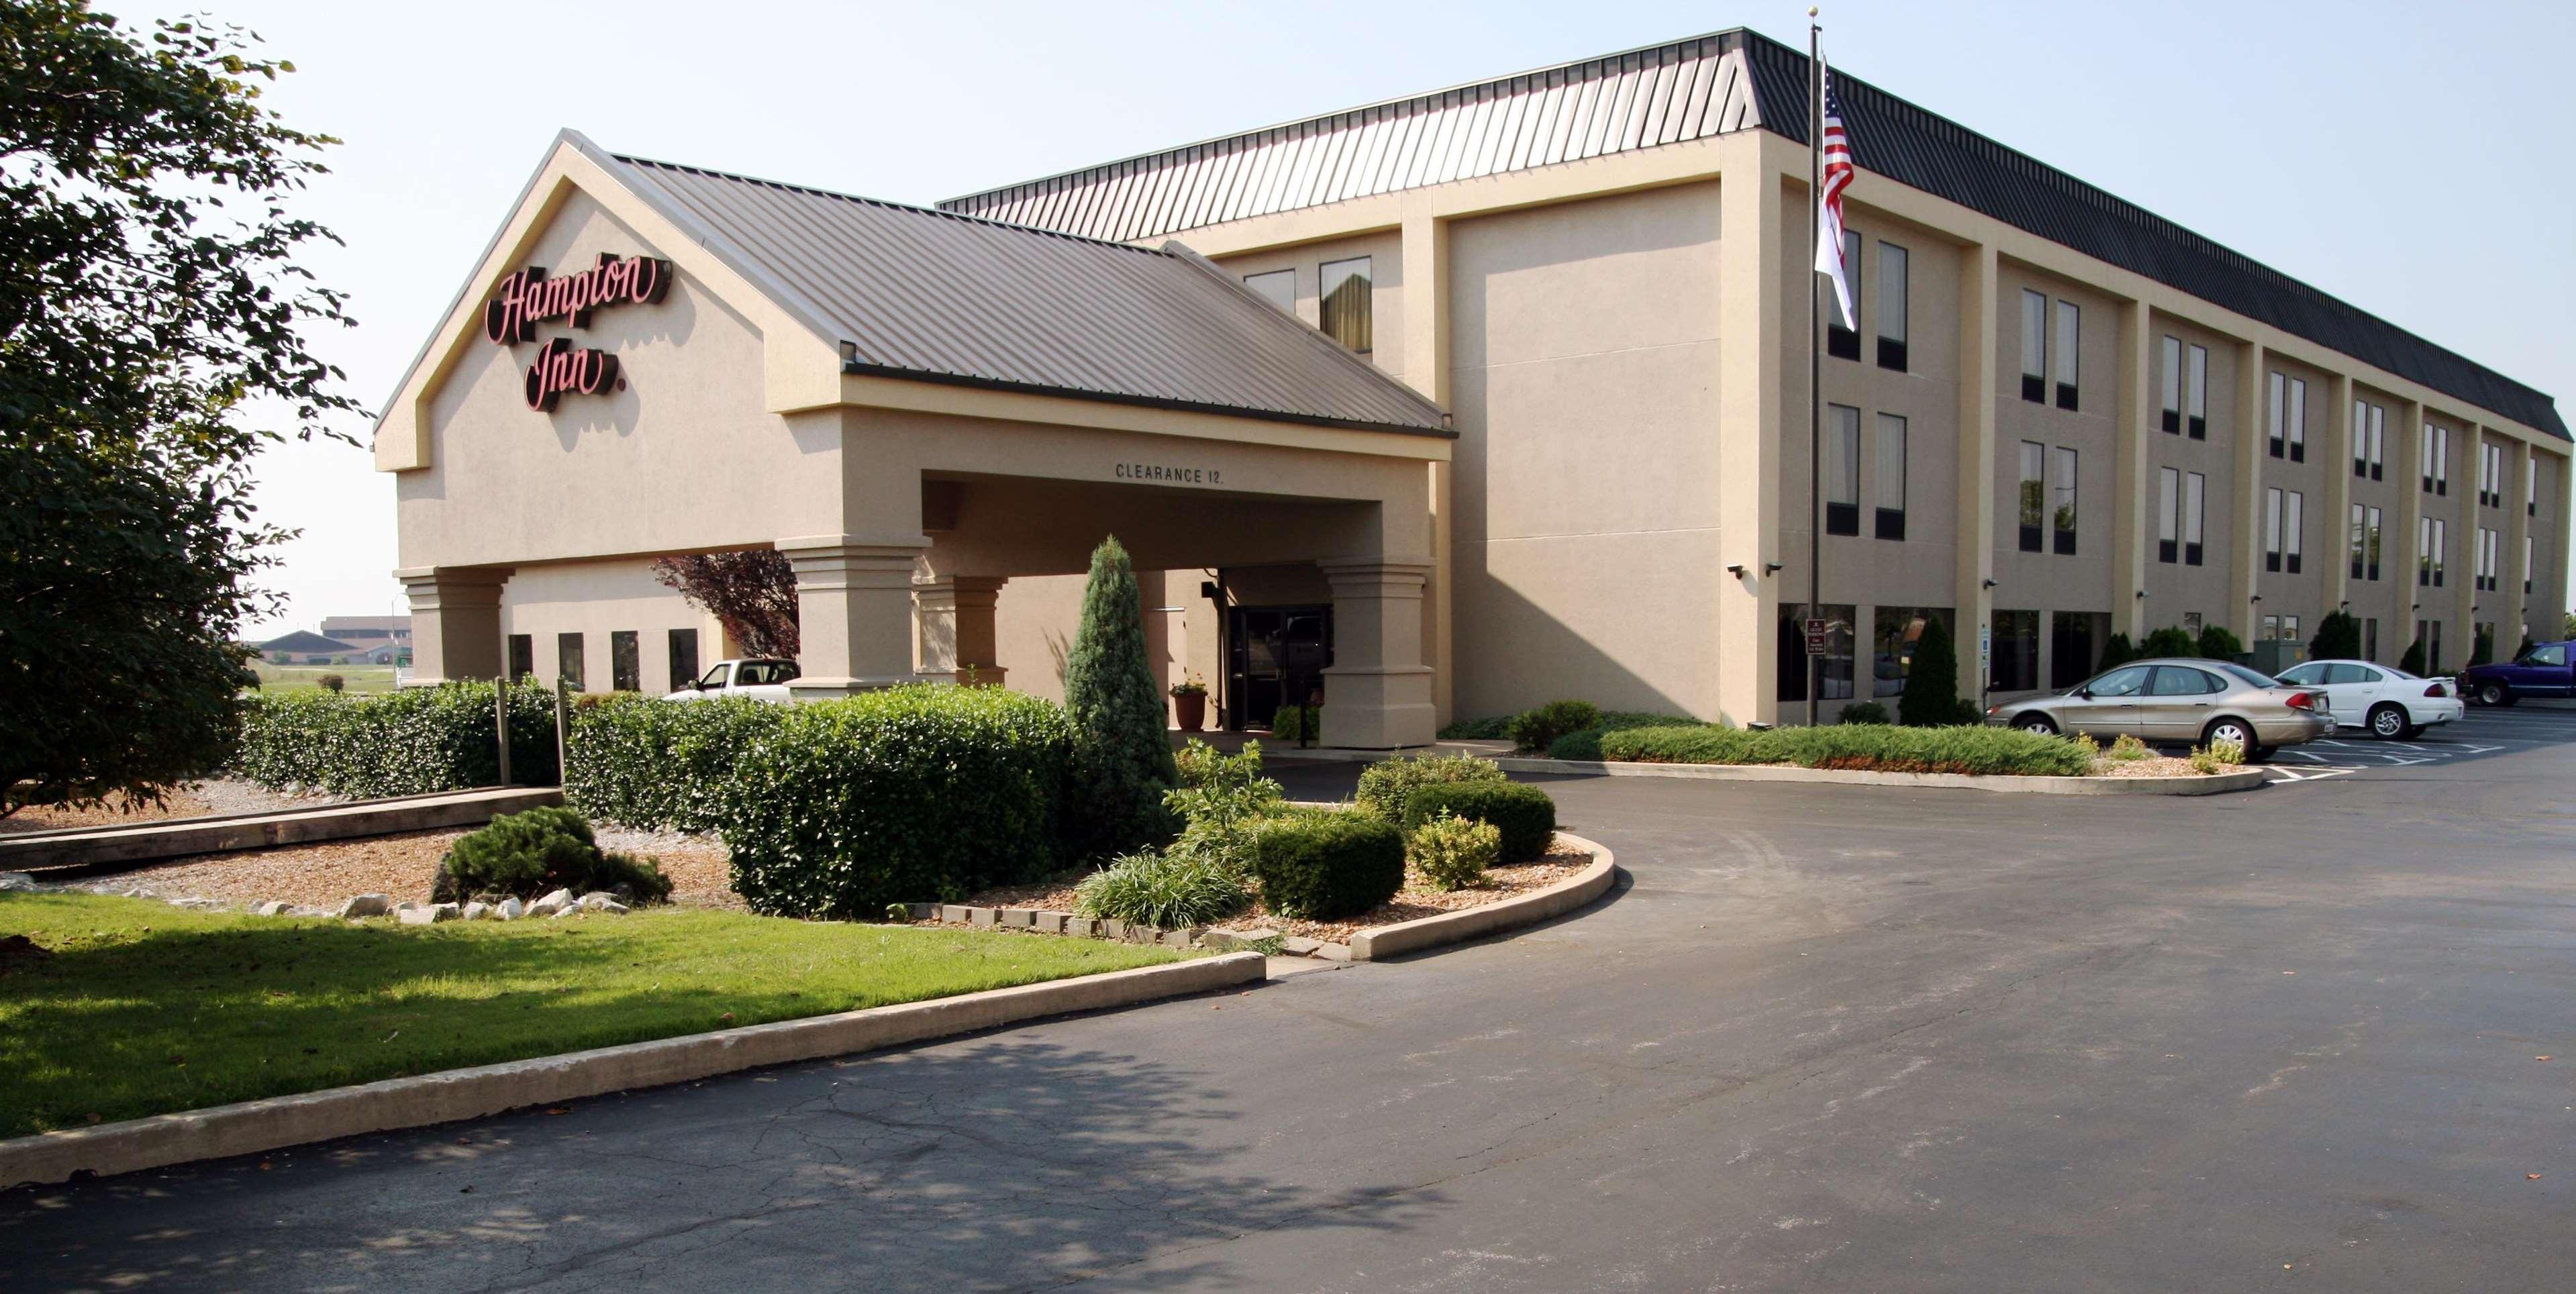 Hampton Inn Collinsville, Madison